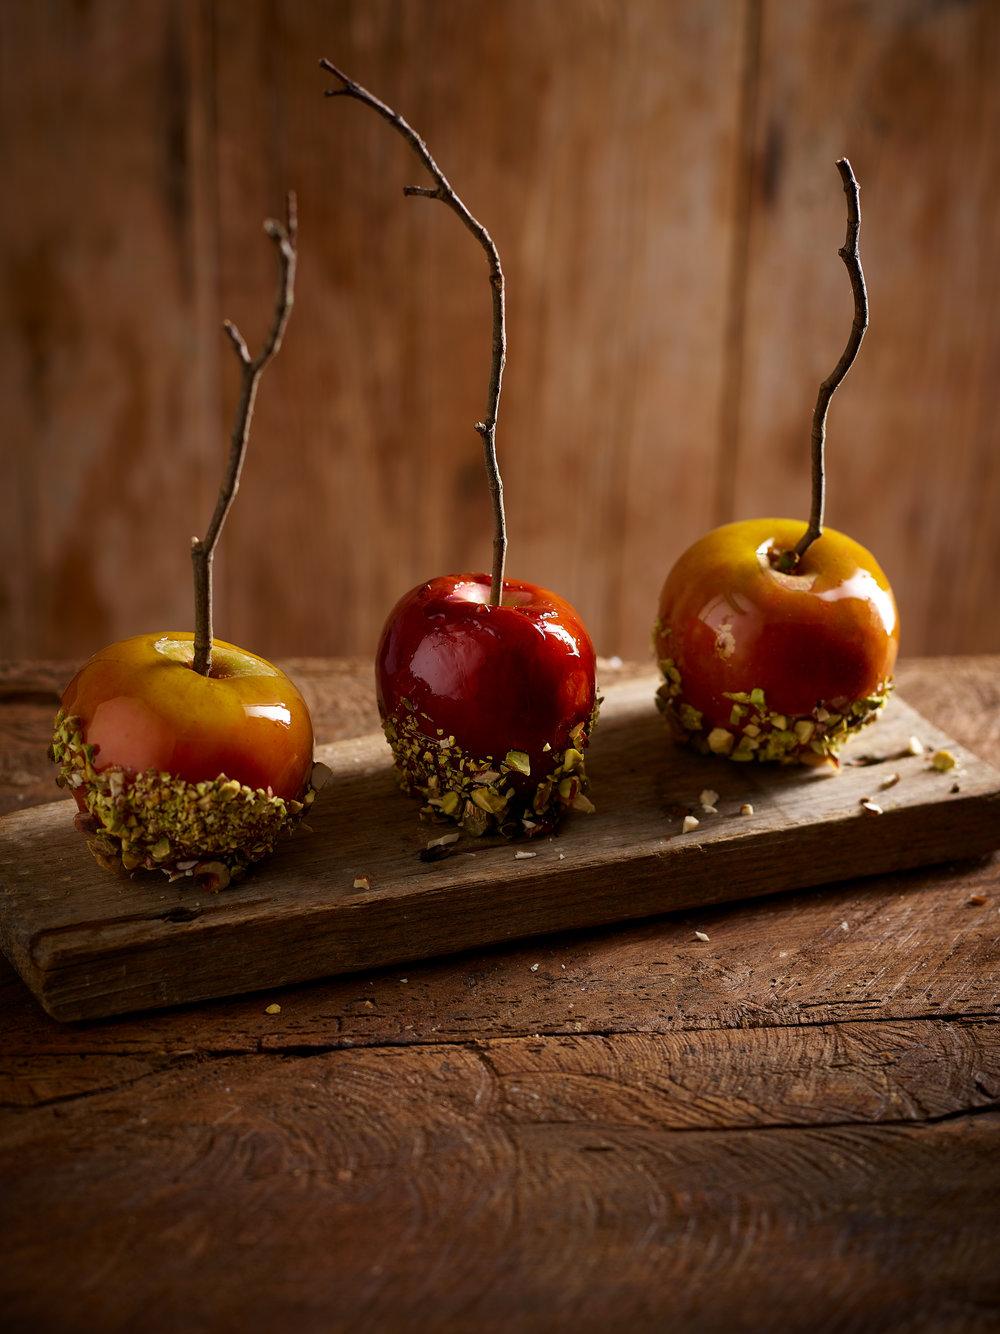 Toffee apples.jpg